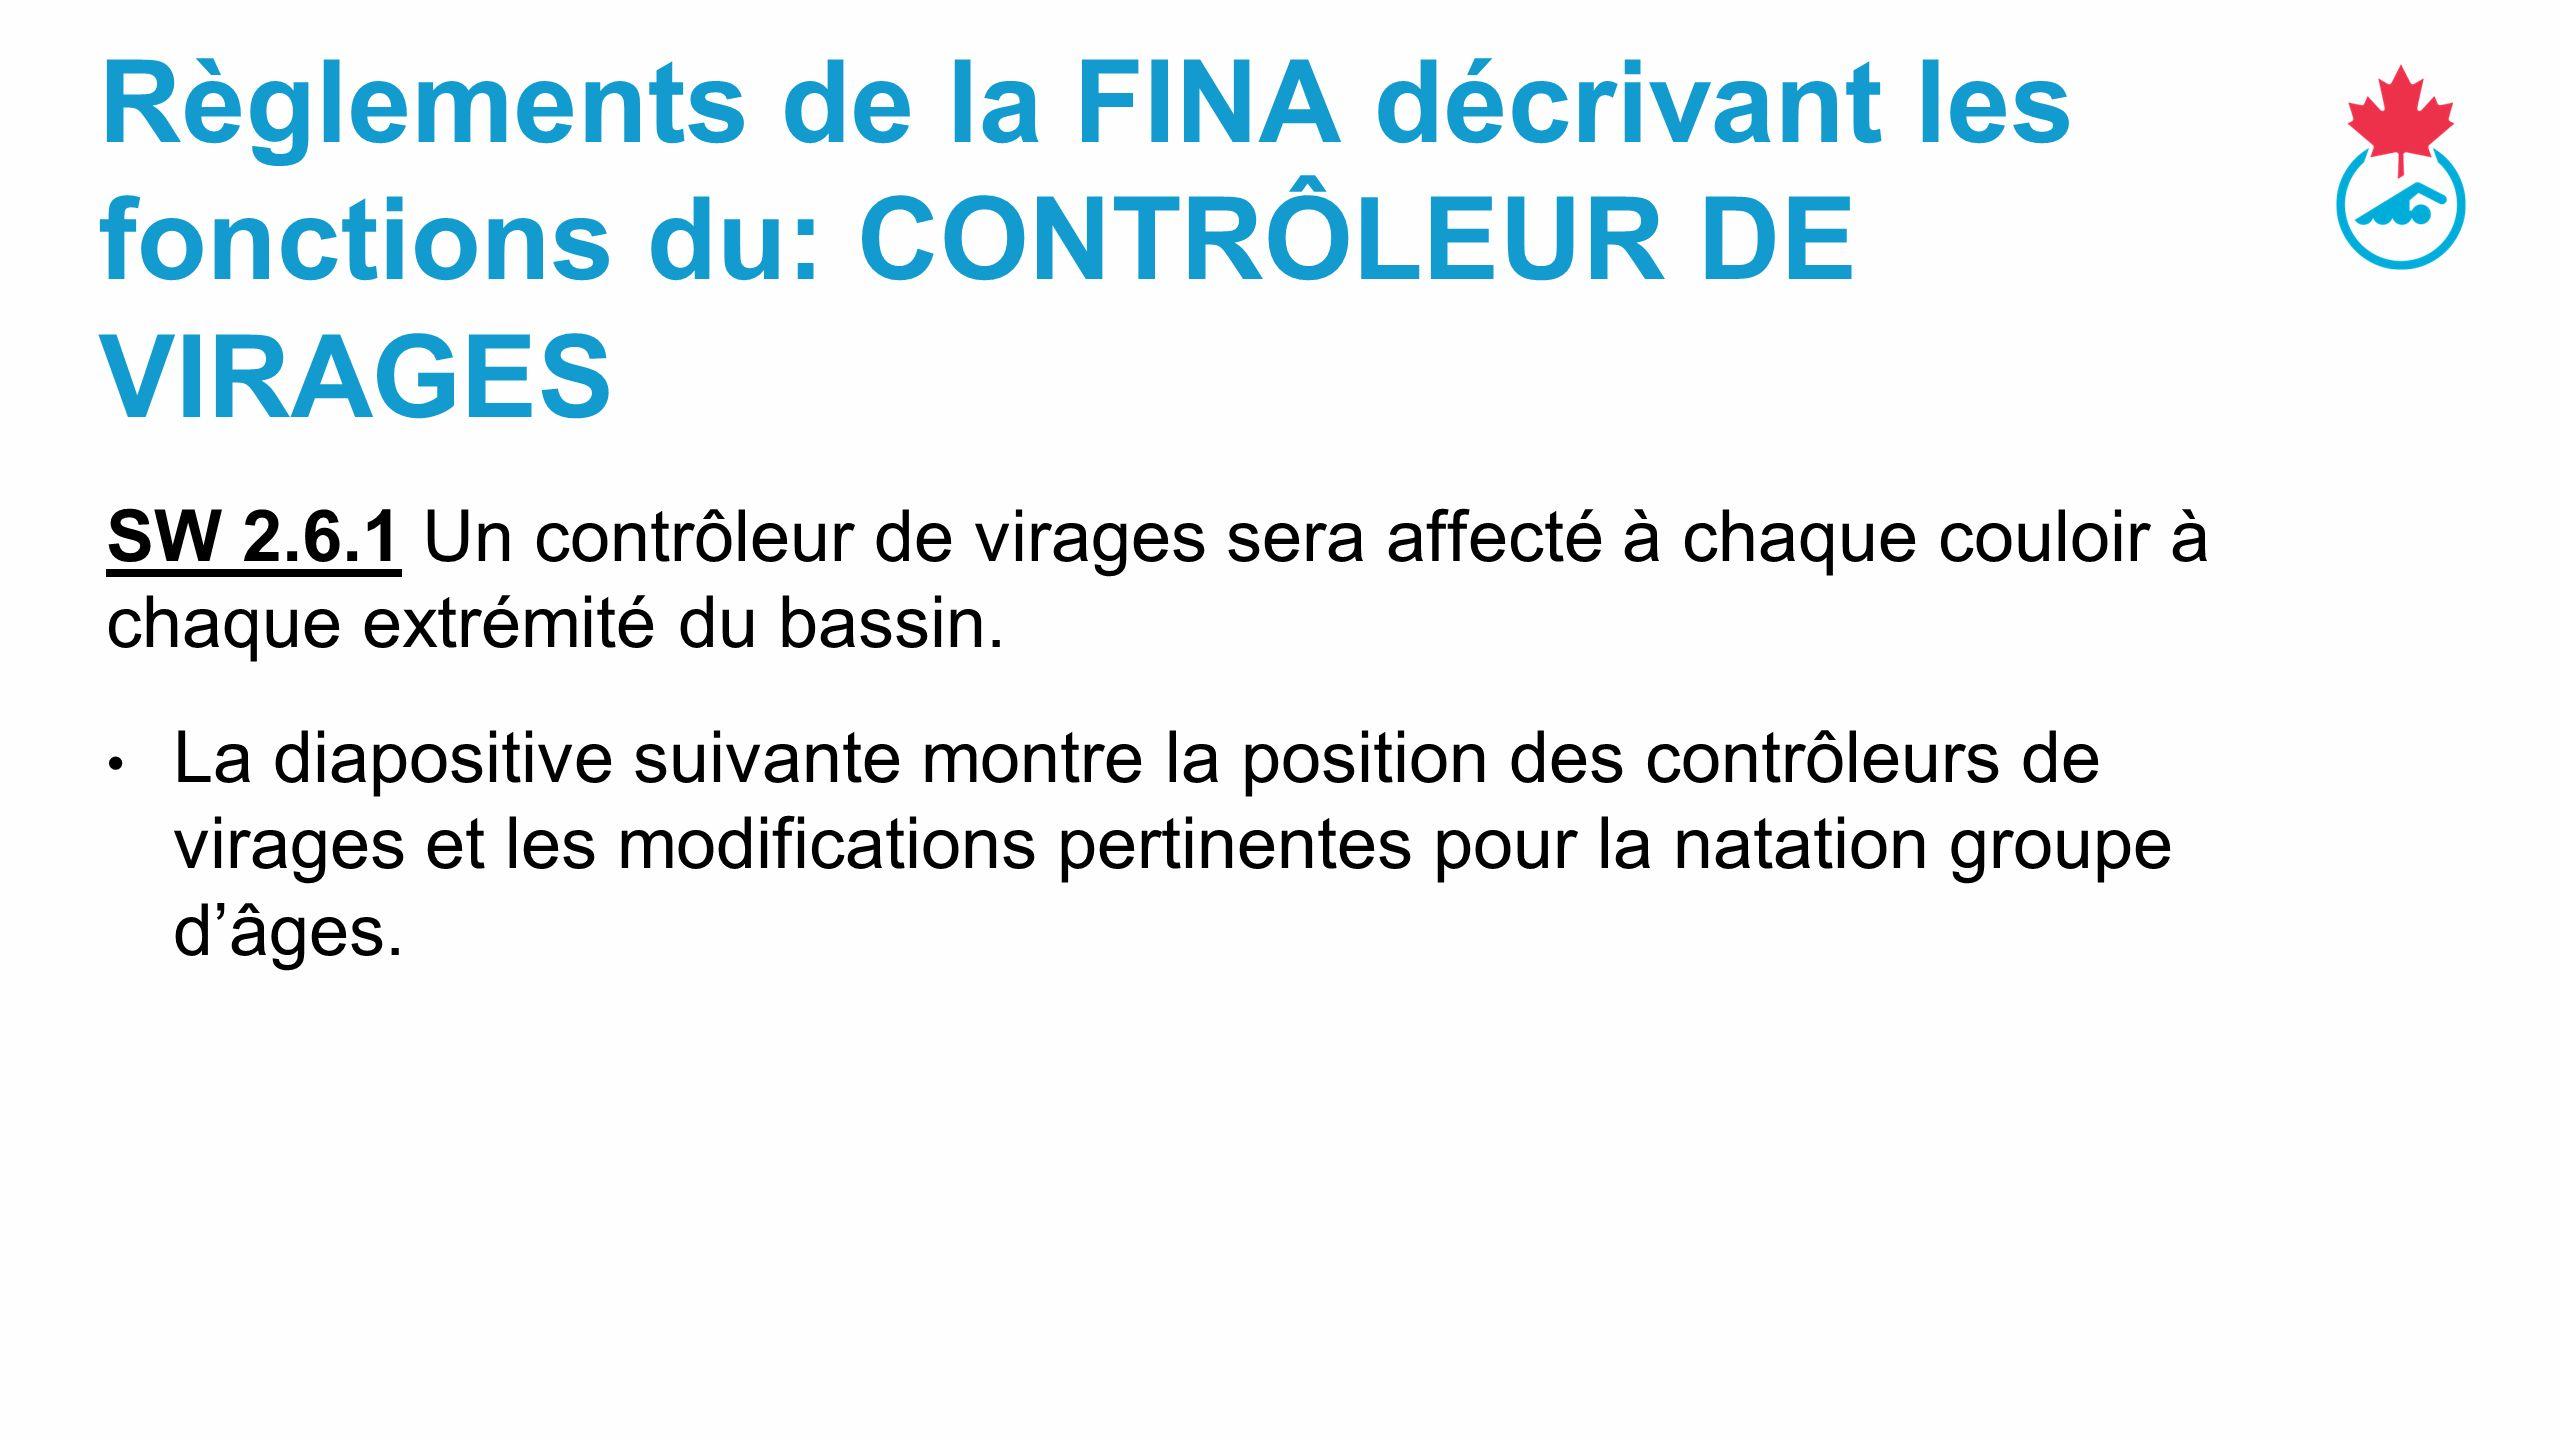 Règlements de la FINA décrivant les fonctions du: CONTRÔLEUR DE VIRAGES SW 2.6.1 Un contrôleur de virages sera affecté à chaque couloir à chaque extrémité du bassin.